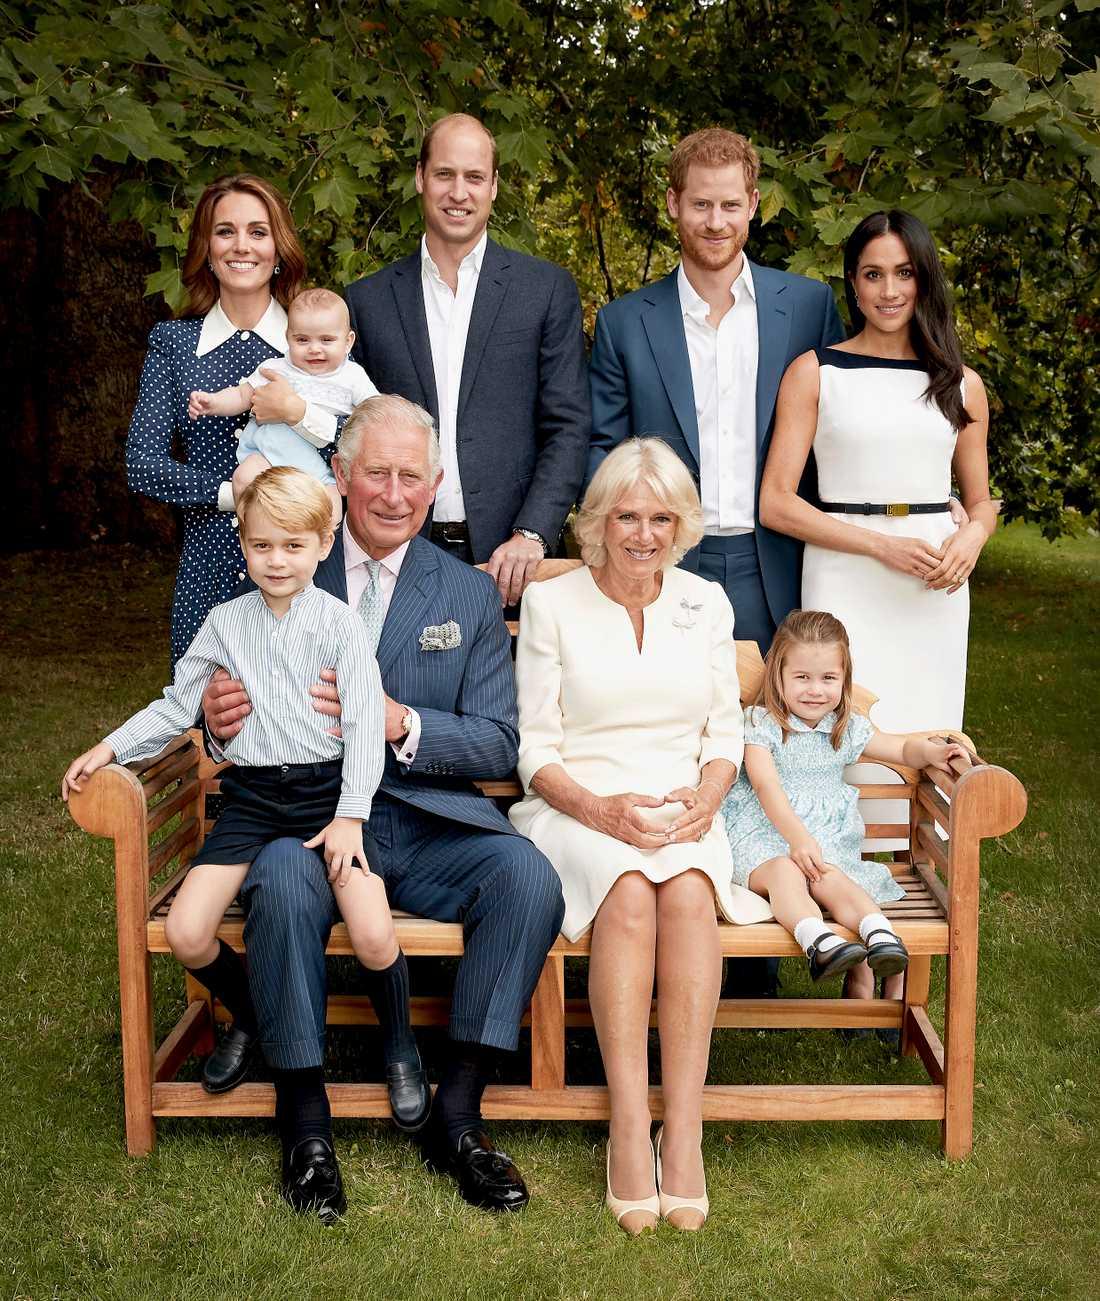 Prins Charles tillsammans med sin familj: I knät prins George, vid hans sida Camilla Parker-Bowles och prinsessan Charlotte och bakom bänken prinsarna William och Harry, hertiginnorna Kate och Meghan, samt det senaste tillskottet prins Louis. Bilden togs den 5 september.